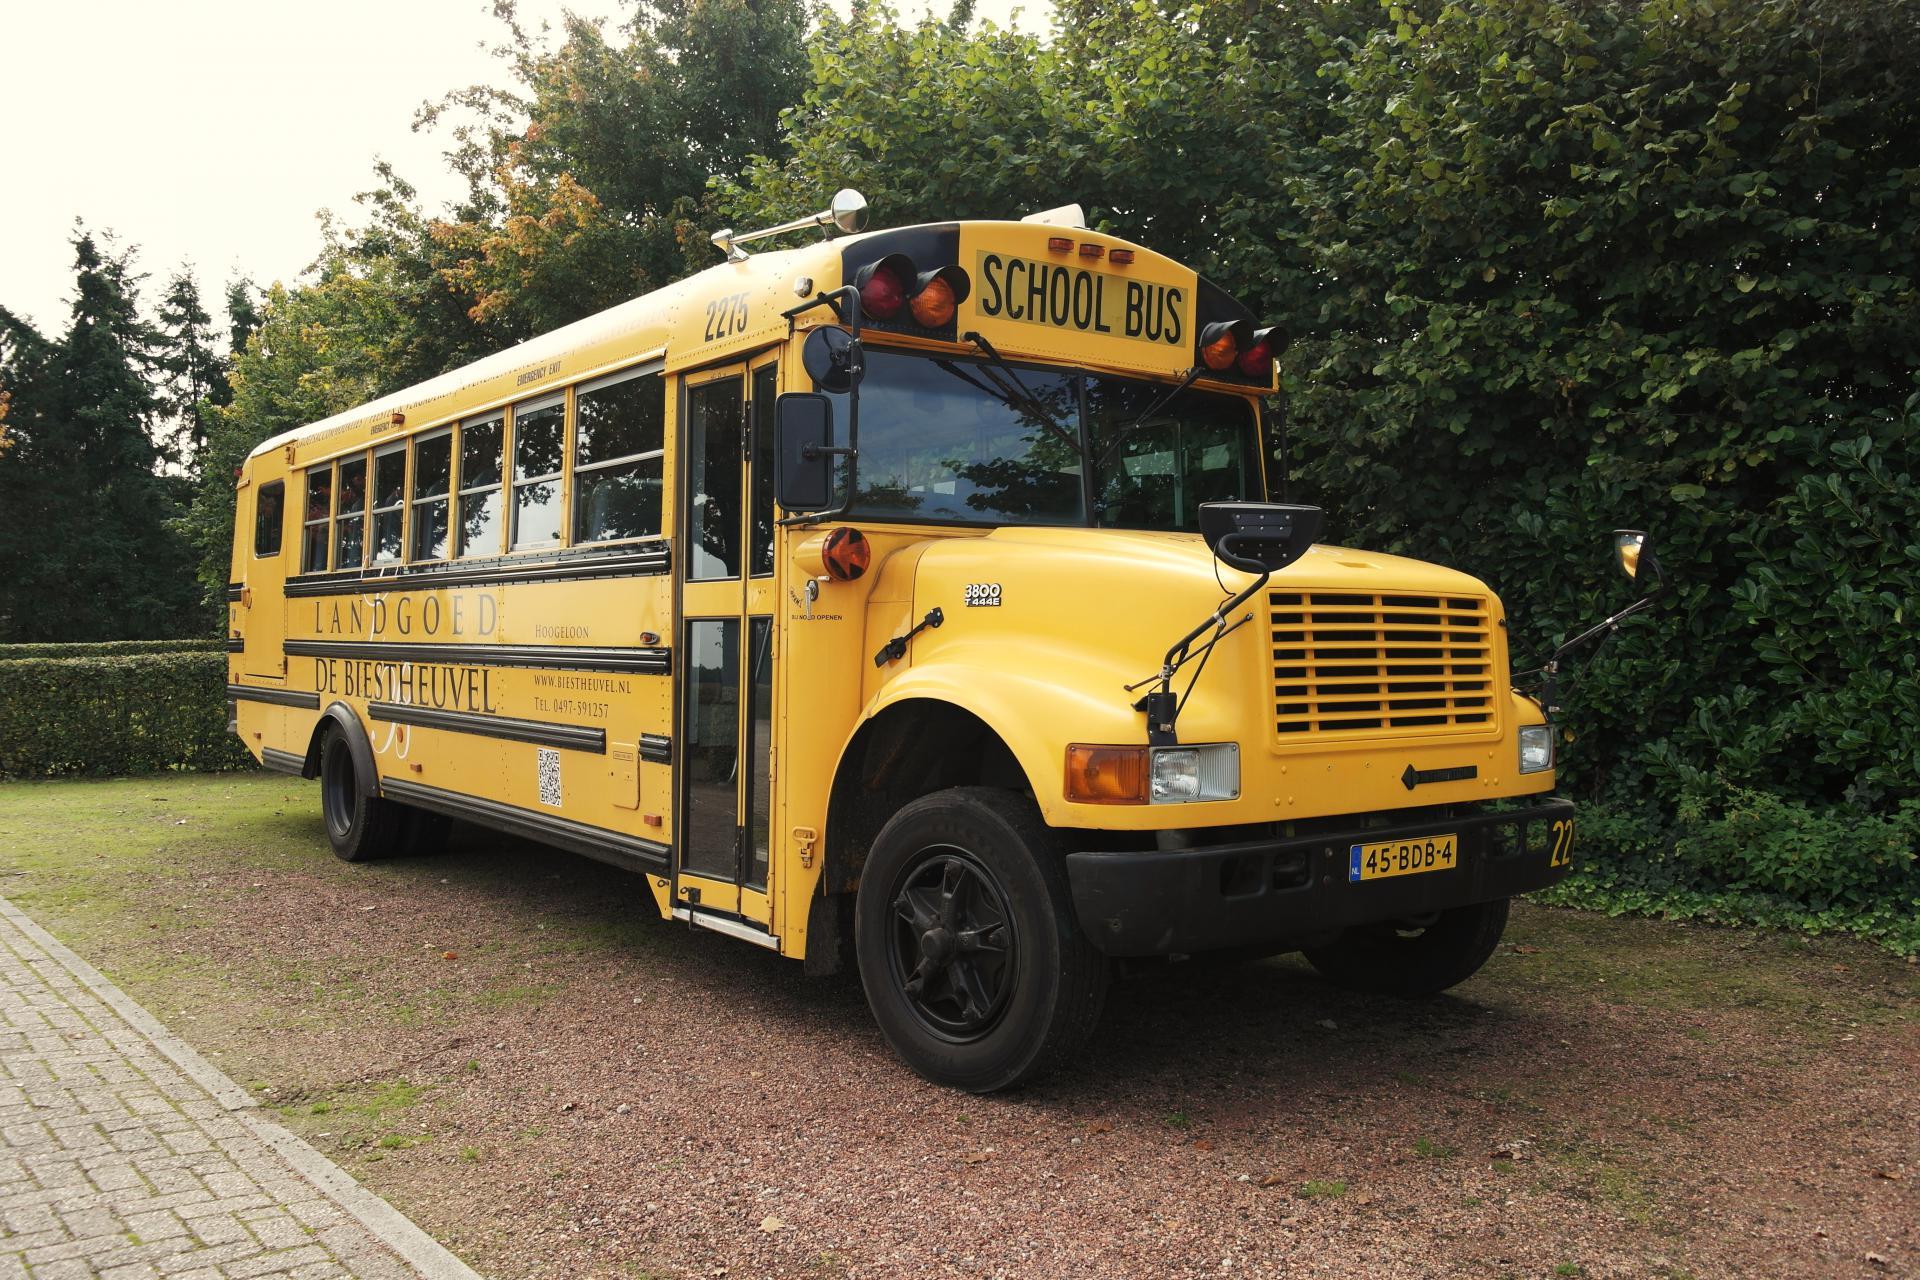 Amerikaanse Schoolbus bij Landgoed de Biestheuvel